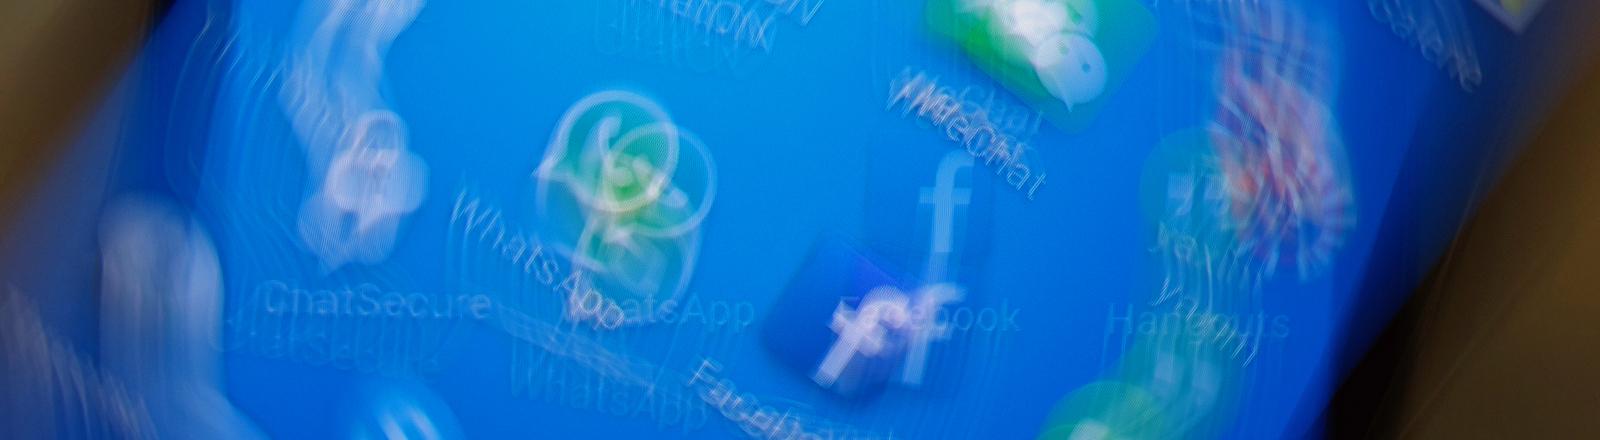 Verschiedene App-Symbole auf einem Smartphone